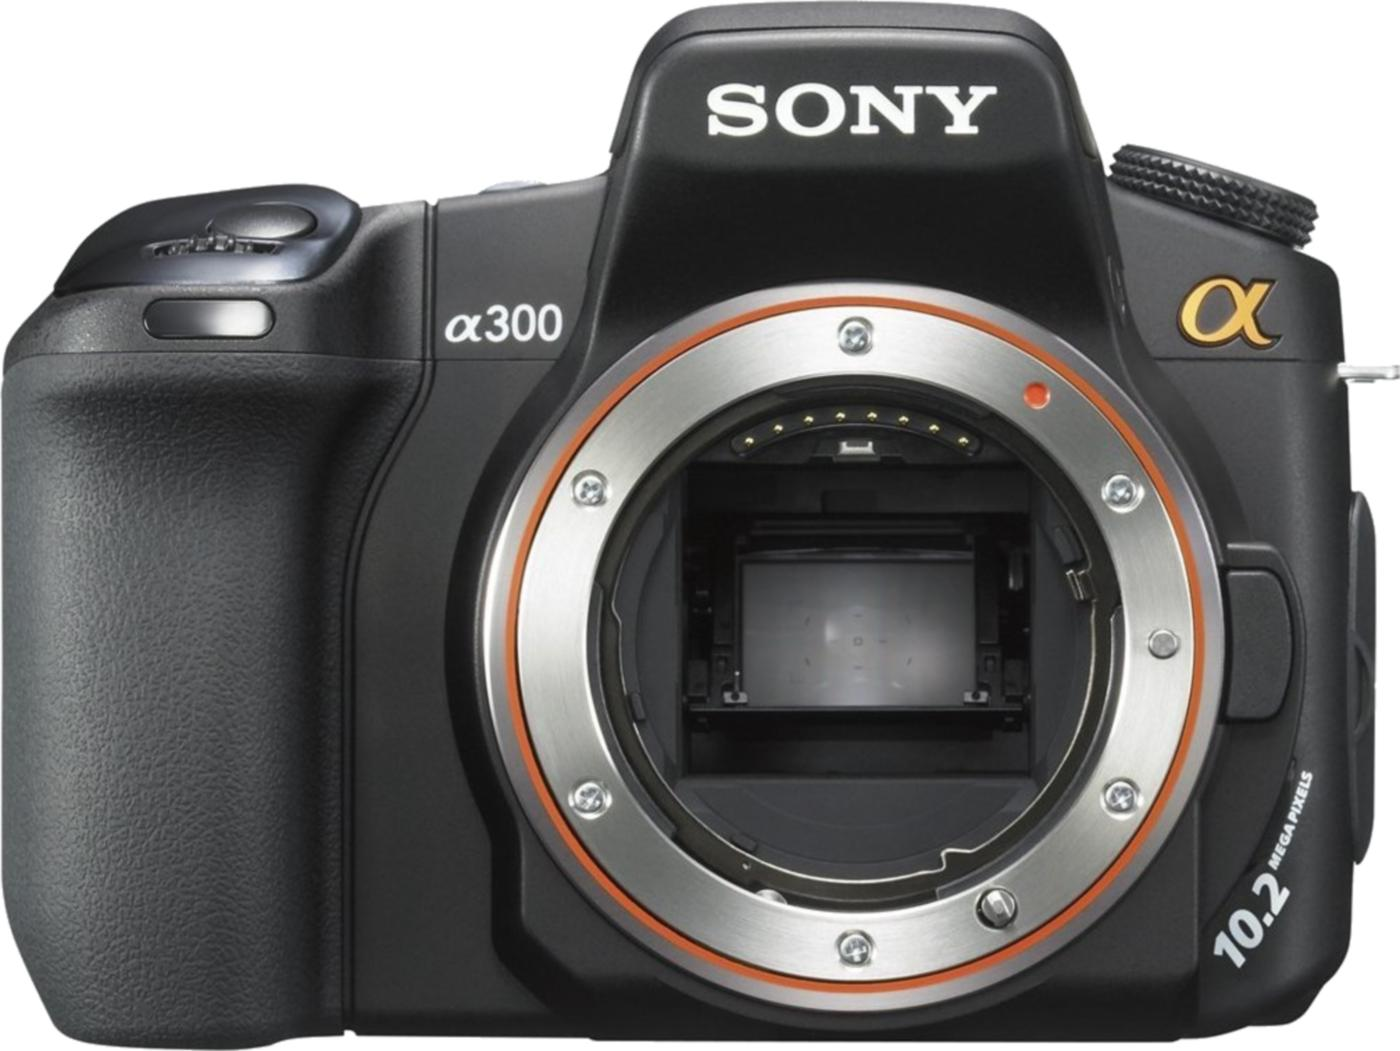 Sony A300 DSLR